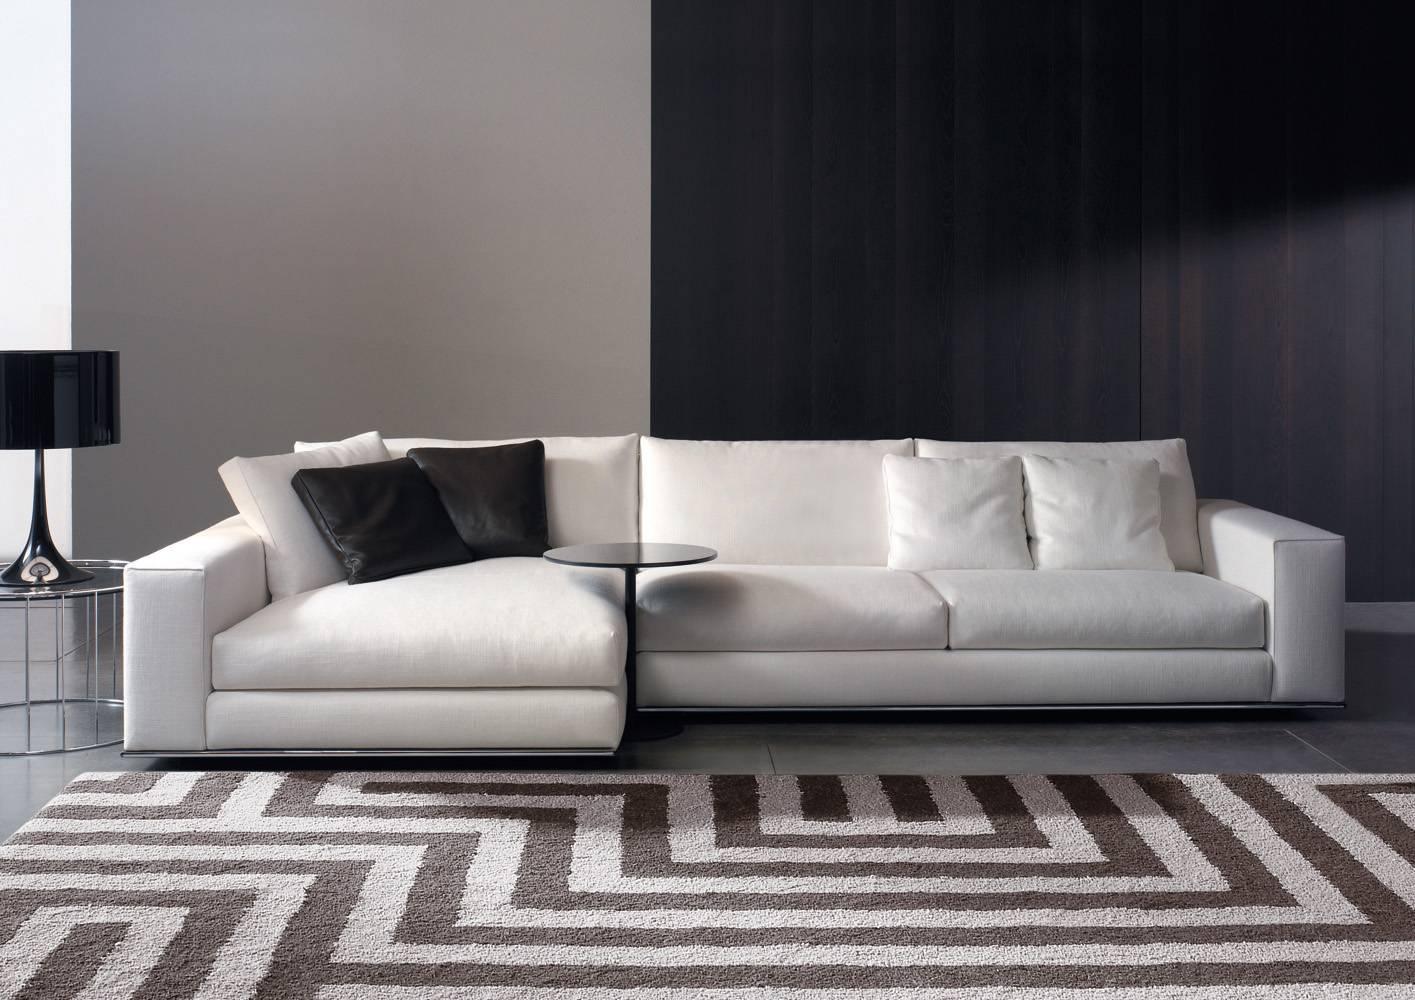 Hamilton Sofa | Designedrodolfo Dordoni, Minotti, Orange Skin for Hamilton Sofas (Image 8 of 15)